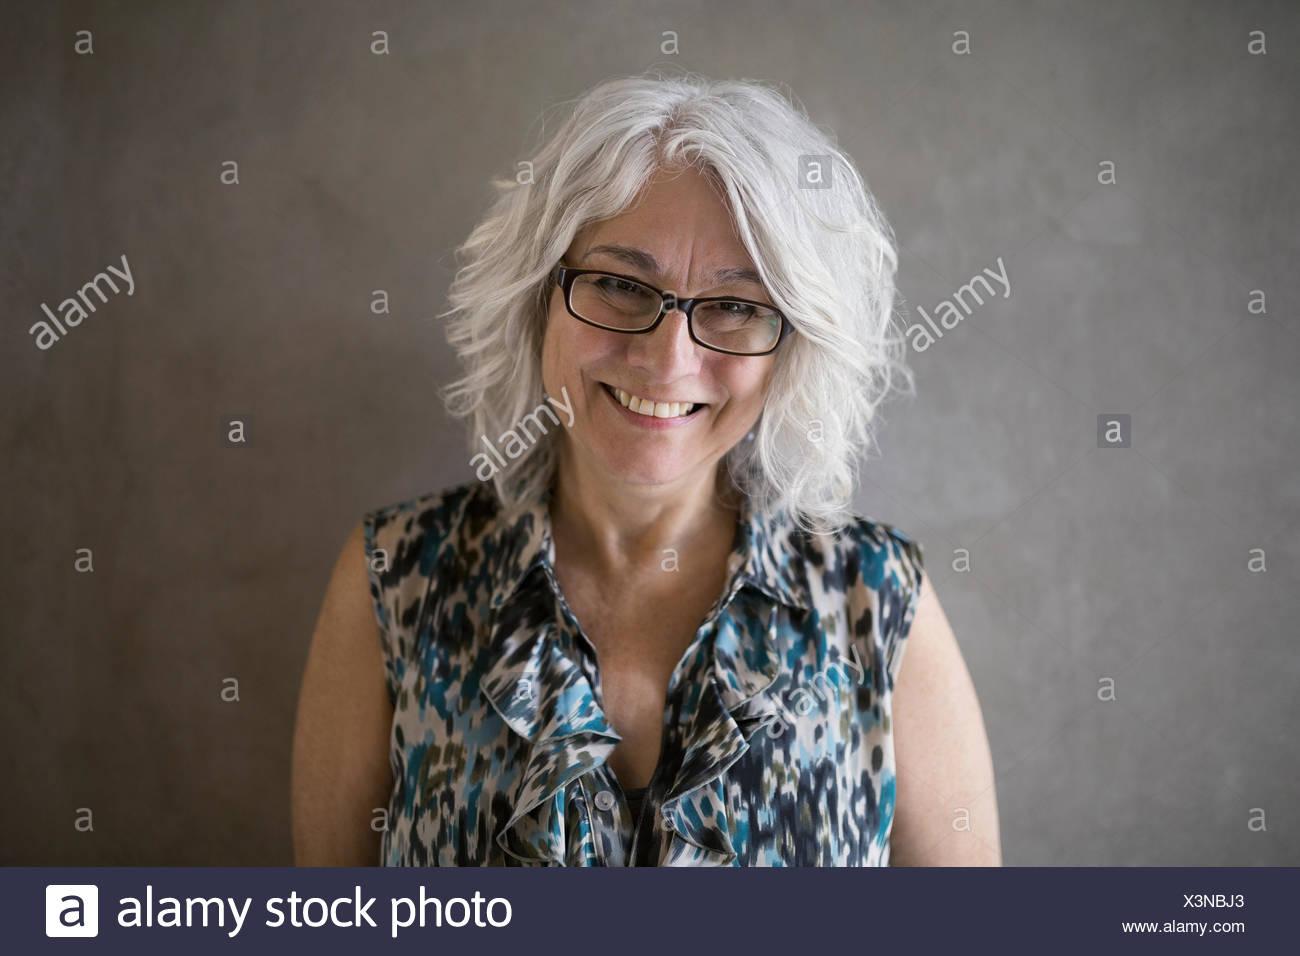 Porträt Zuversichtlich Geschäftsfrau Mit Grauen Haaren Und Brille